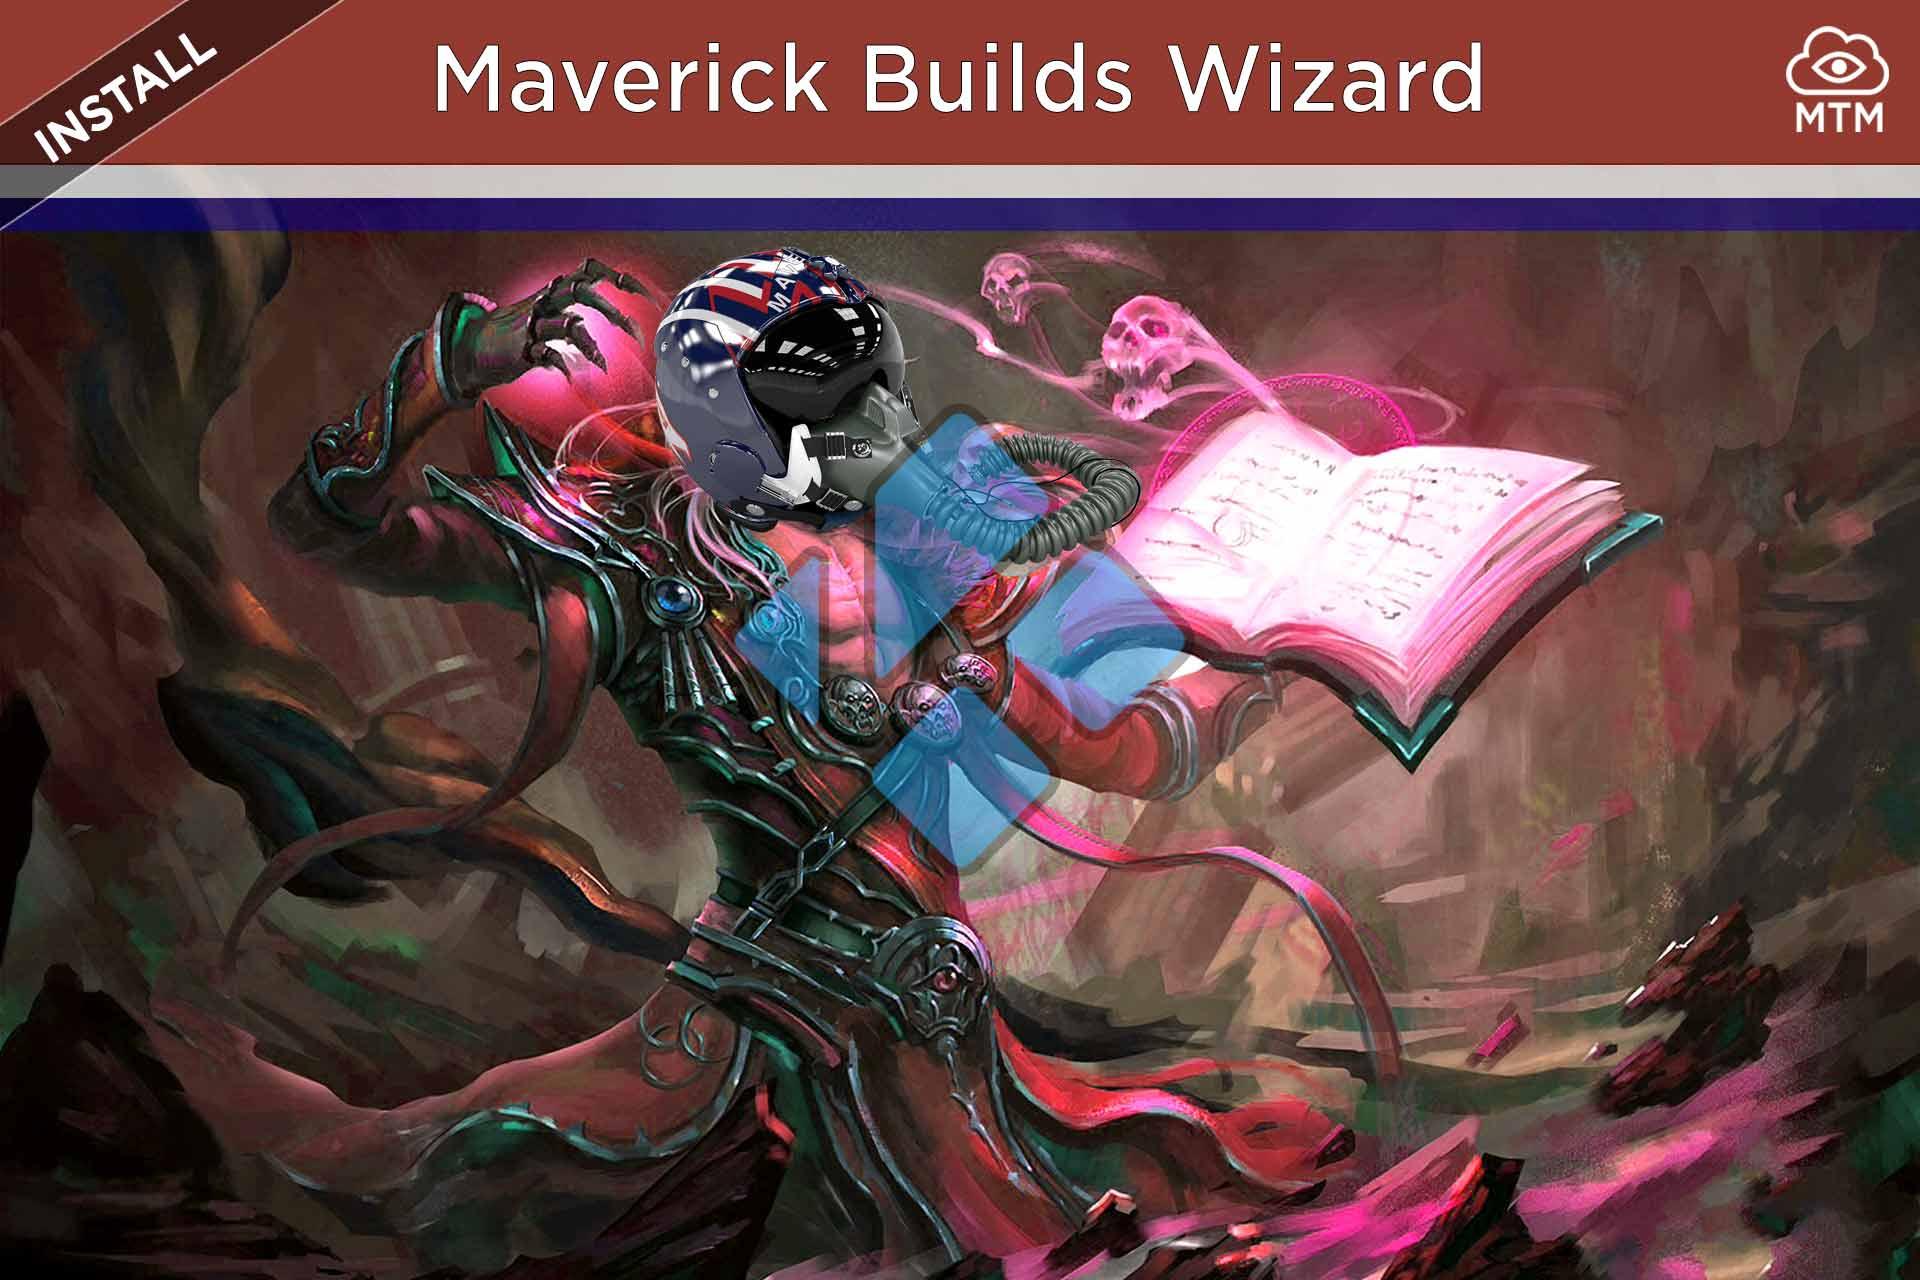 Nola instalatu Maverick Builds Wizard MaverickTV Repo-tik